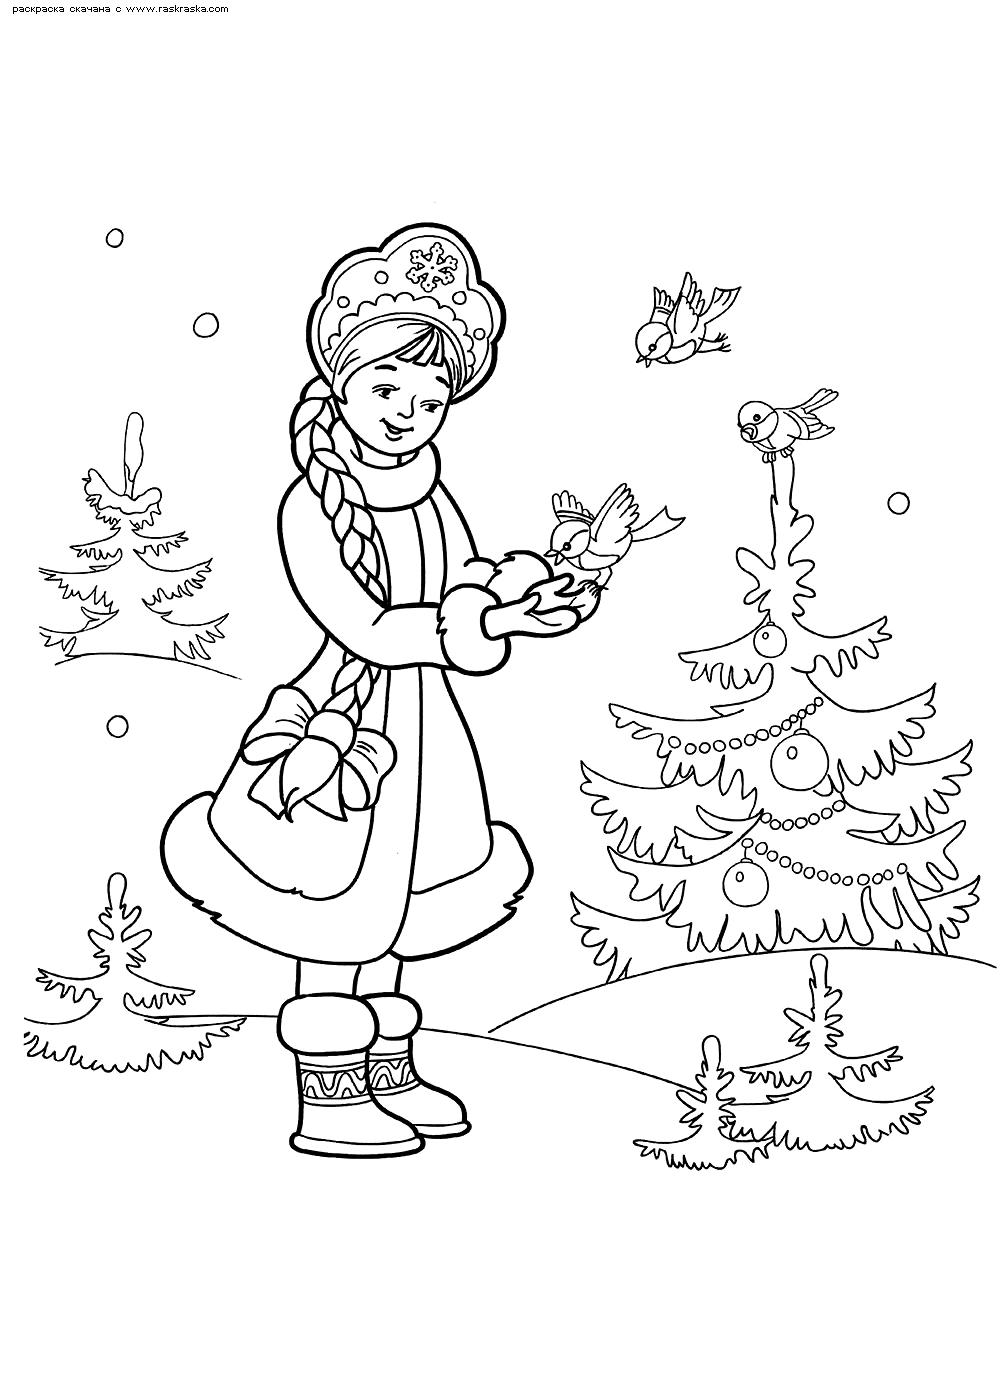 Раскраска Снегурочка в новогоднем лесу. Раскраска снегурочка, зима, елка